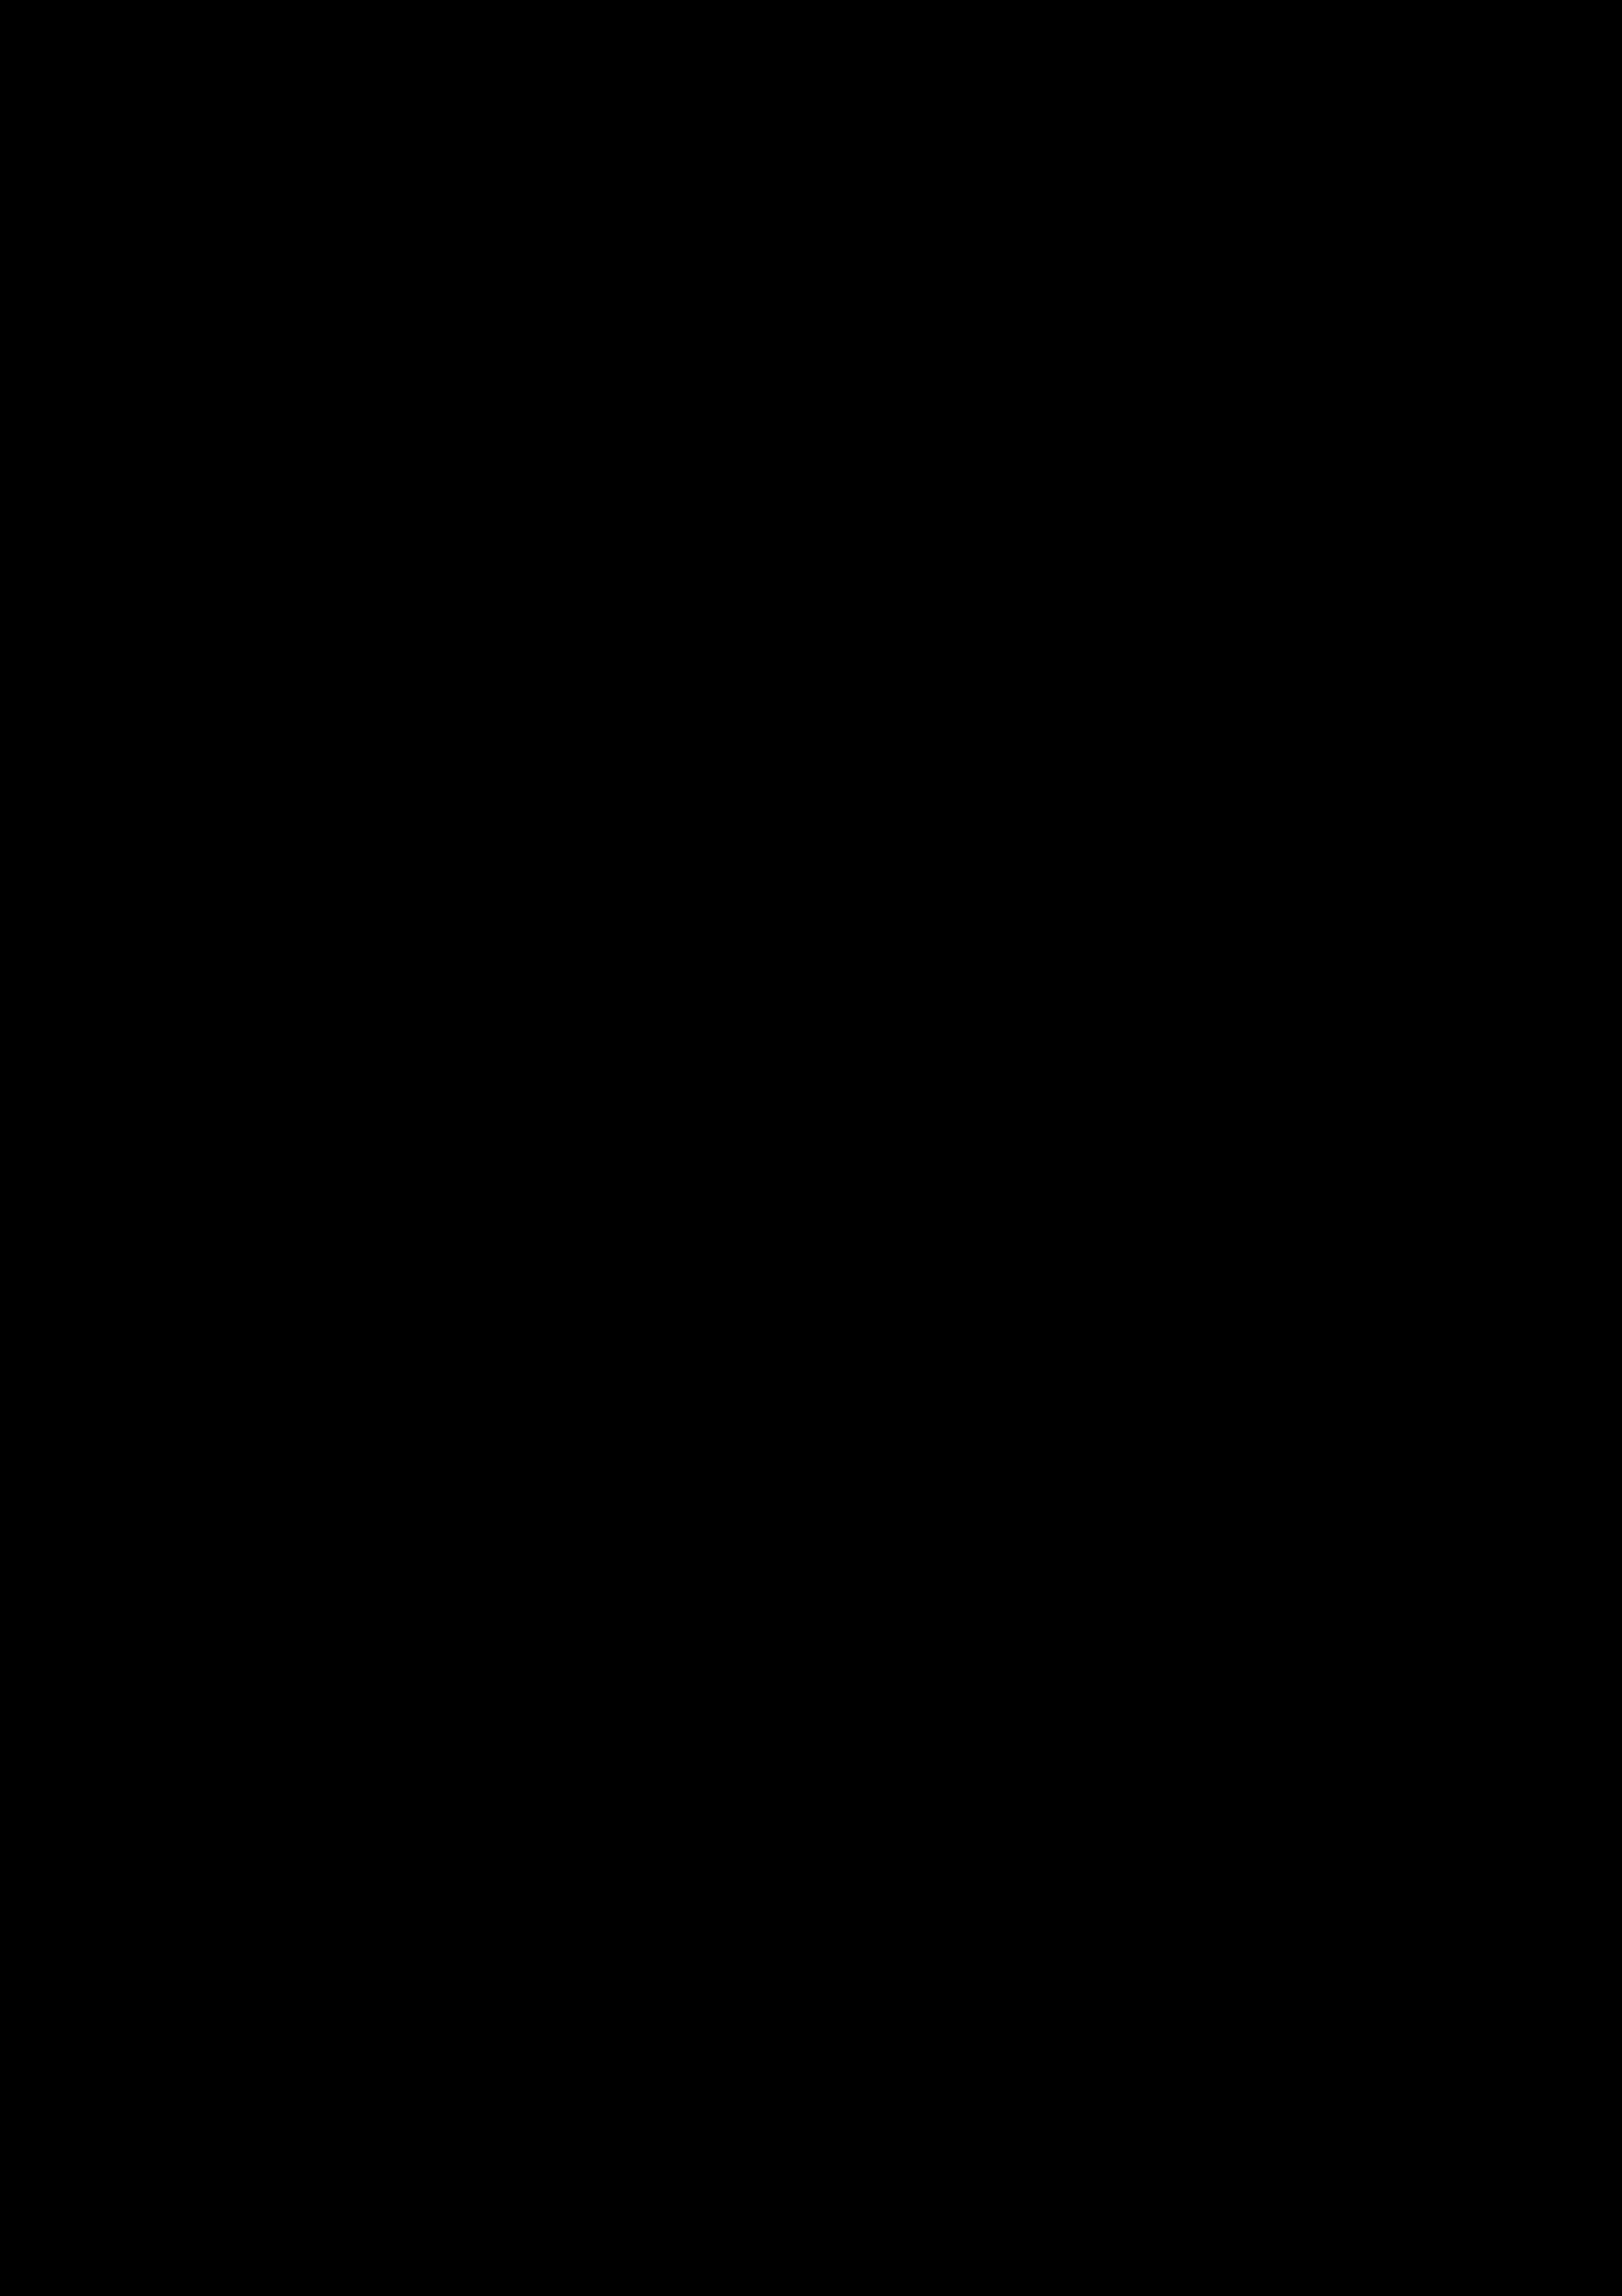 Carte des ambassadeurs du Grand Kiff, DR